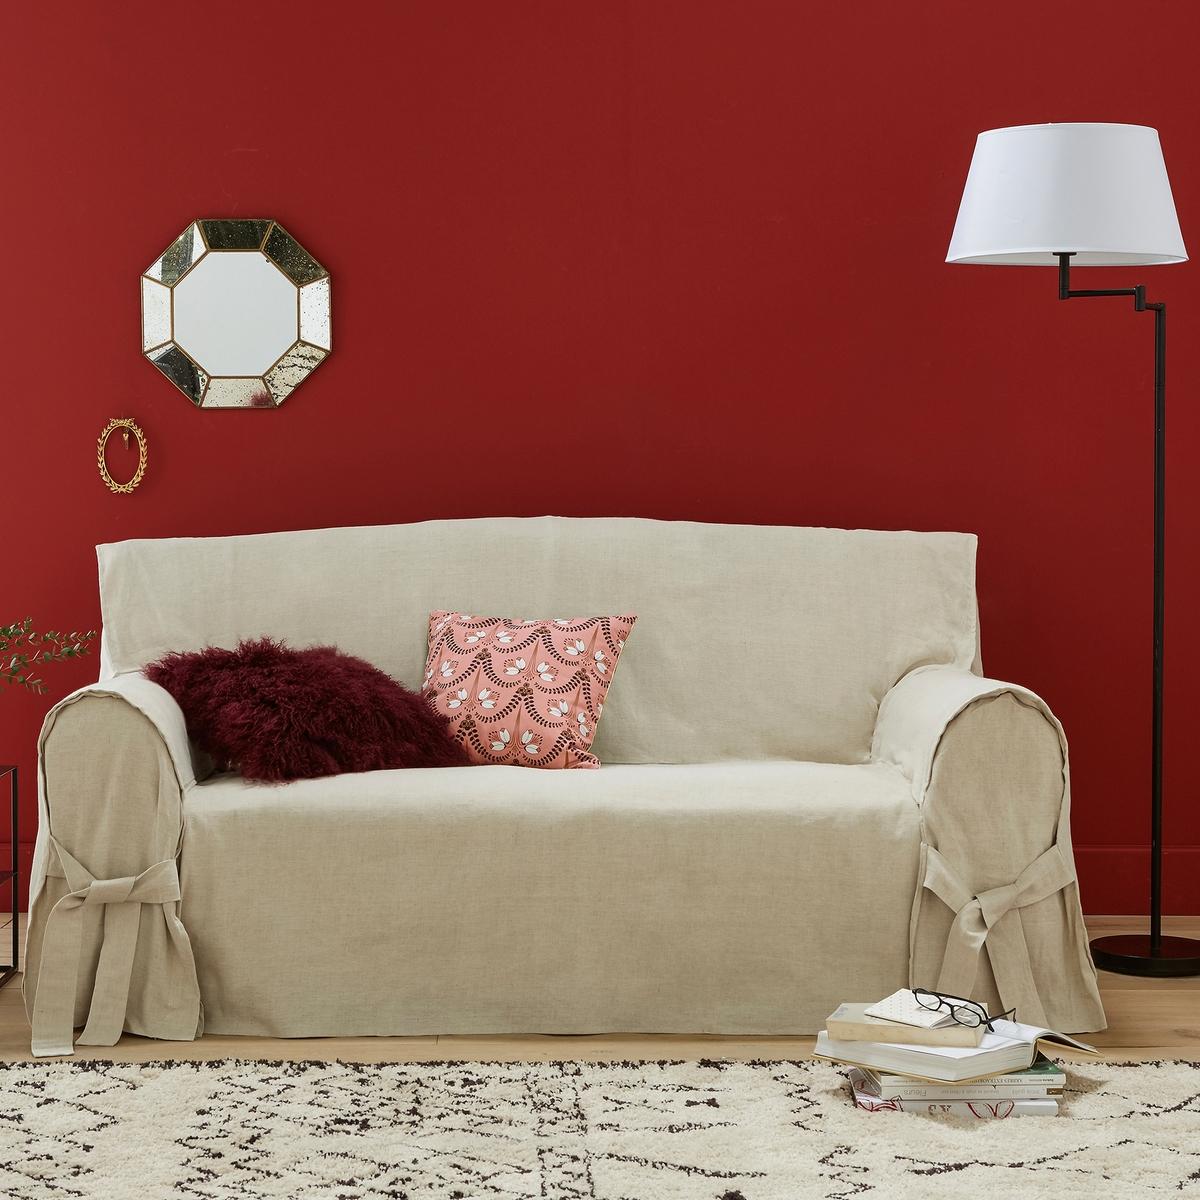 Чехол для диванаКачество VALEUR SURE. Плотная смесовая ткань исключительного качества,  55% льна, 45% хлопка. Общие размеры: общая высота 102 см, глубина сиденья 60 см. Стирка при 40°. Превосходная стойкость цвета к солнечным лучам. 2-местный диван: максимальная ширина 142 см, 2-3-местный диван: максимальная ширина 180 см. 3-местный диван: максимальная ширина 206 см.<br><br>Цвет: антрацит,белый,серо-коричневый каштан,серый,экрю<br>Размер: 2 места.2/3 мест.3 местн..2/3 мест.3 местн..2 места.2 места.3 местн..2/3 мест